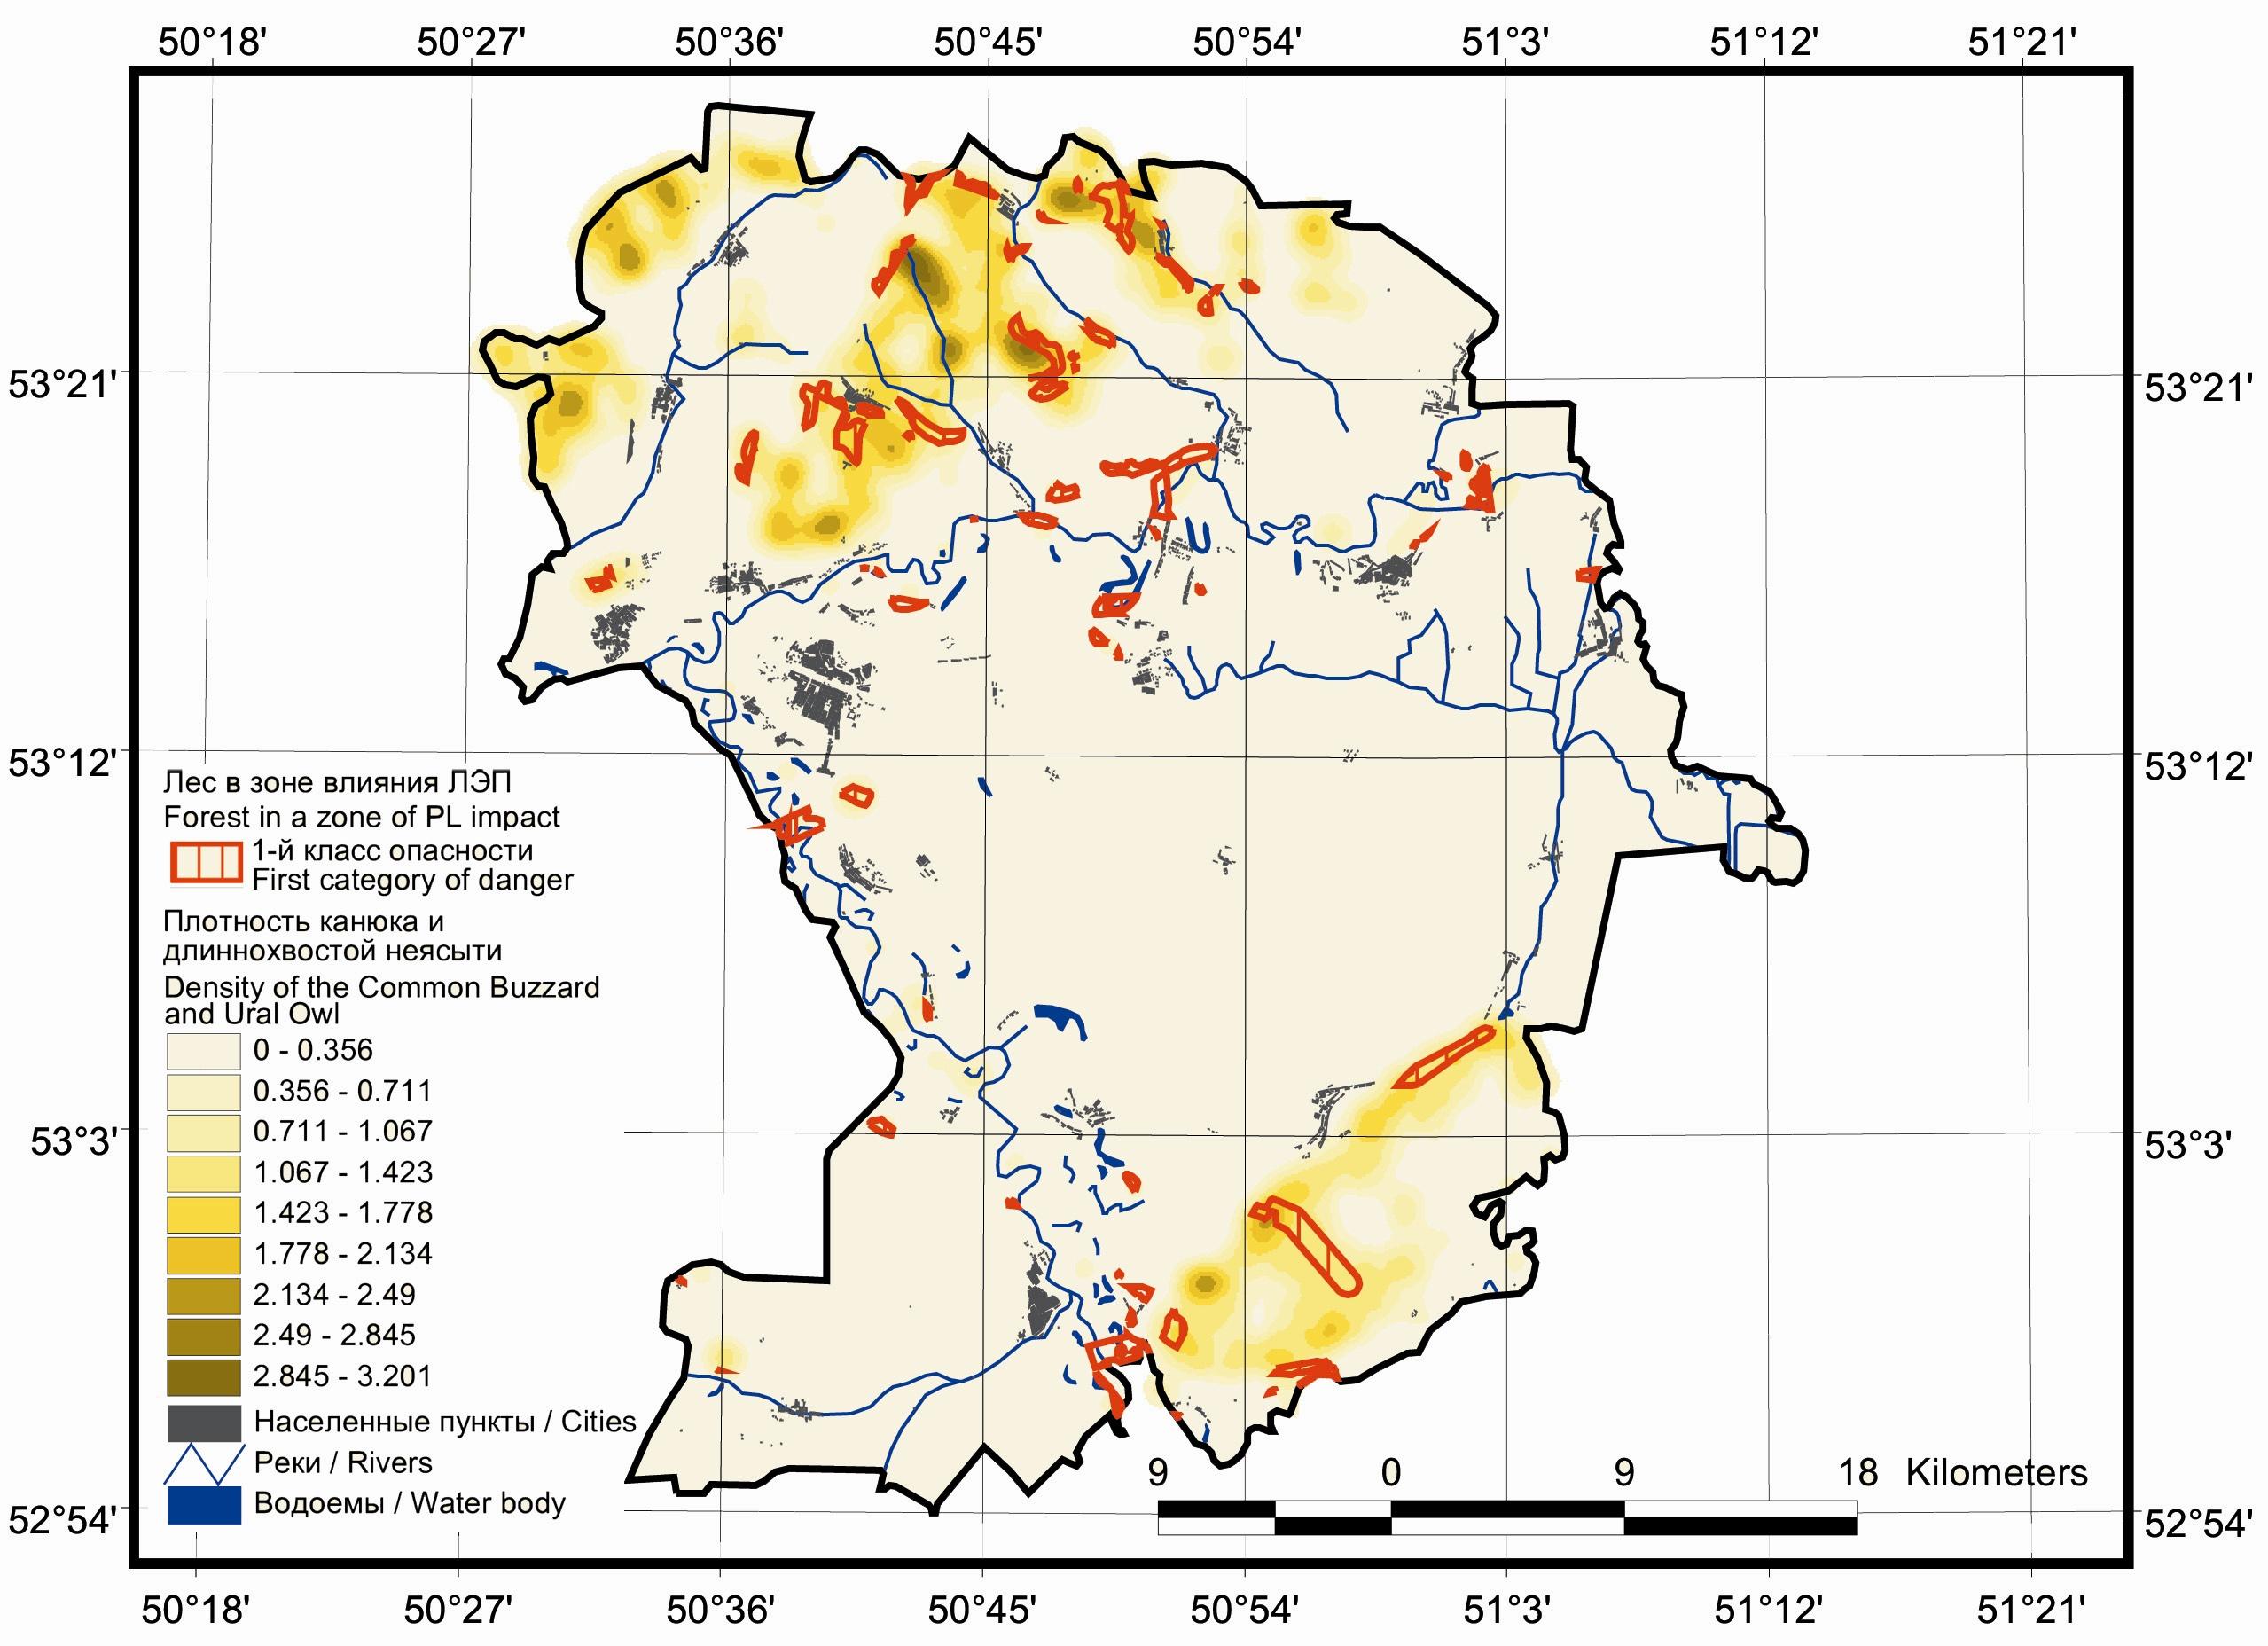 Рис. 432. Карта оценочной плотности гнездования канюка (Buteo buteo) и длиннохвостой неясыти (Strix uralensis) и распределение участков леса, располагающихся в зоне влияния 1 класса опасности для птиц, ЛЭП мощностью 6-10 кВ, на территории Кинельского р-на Самарской области